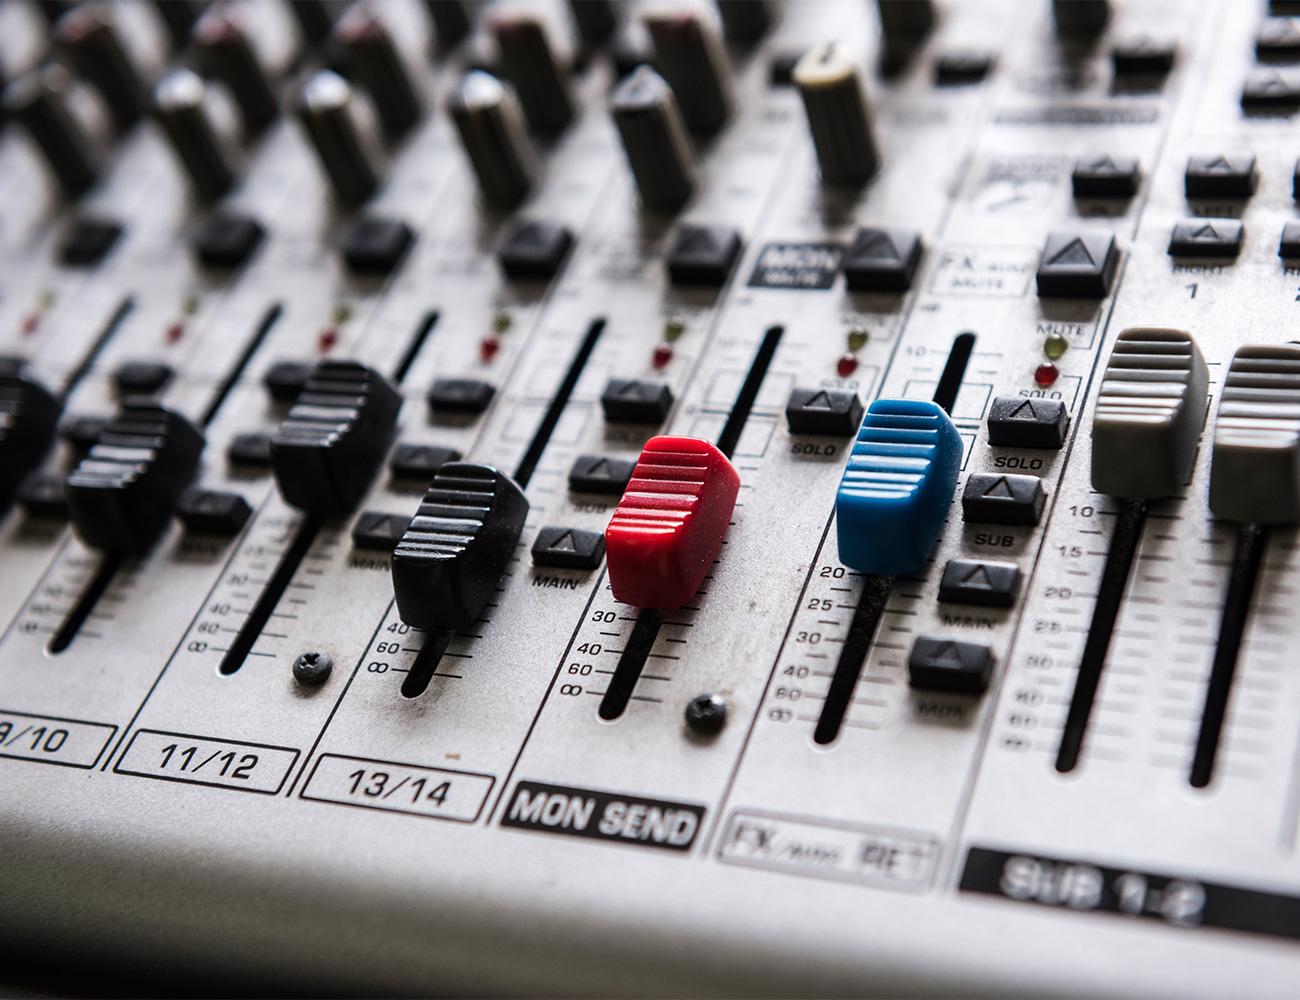 Image of mixer board